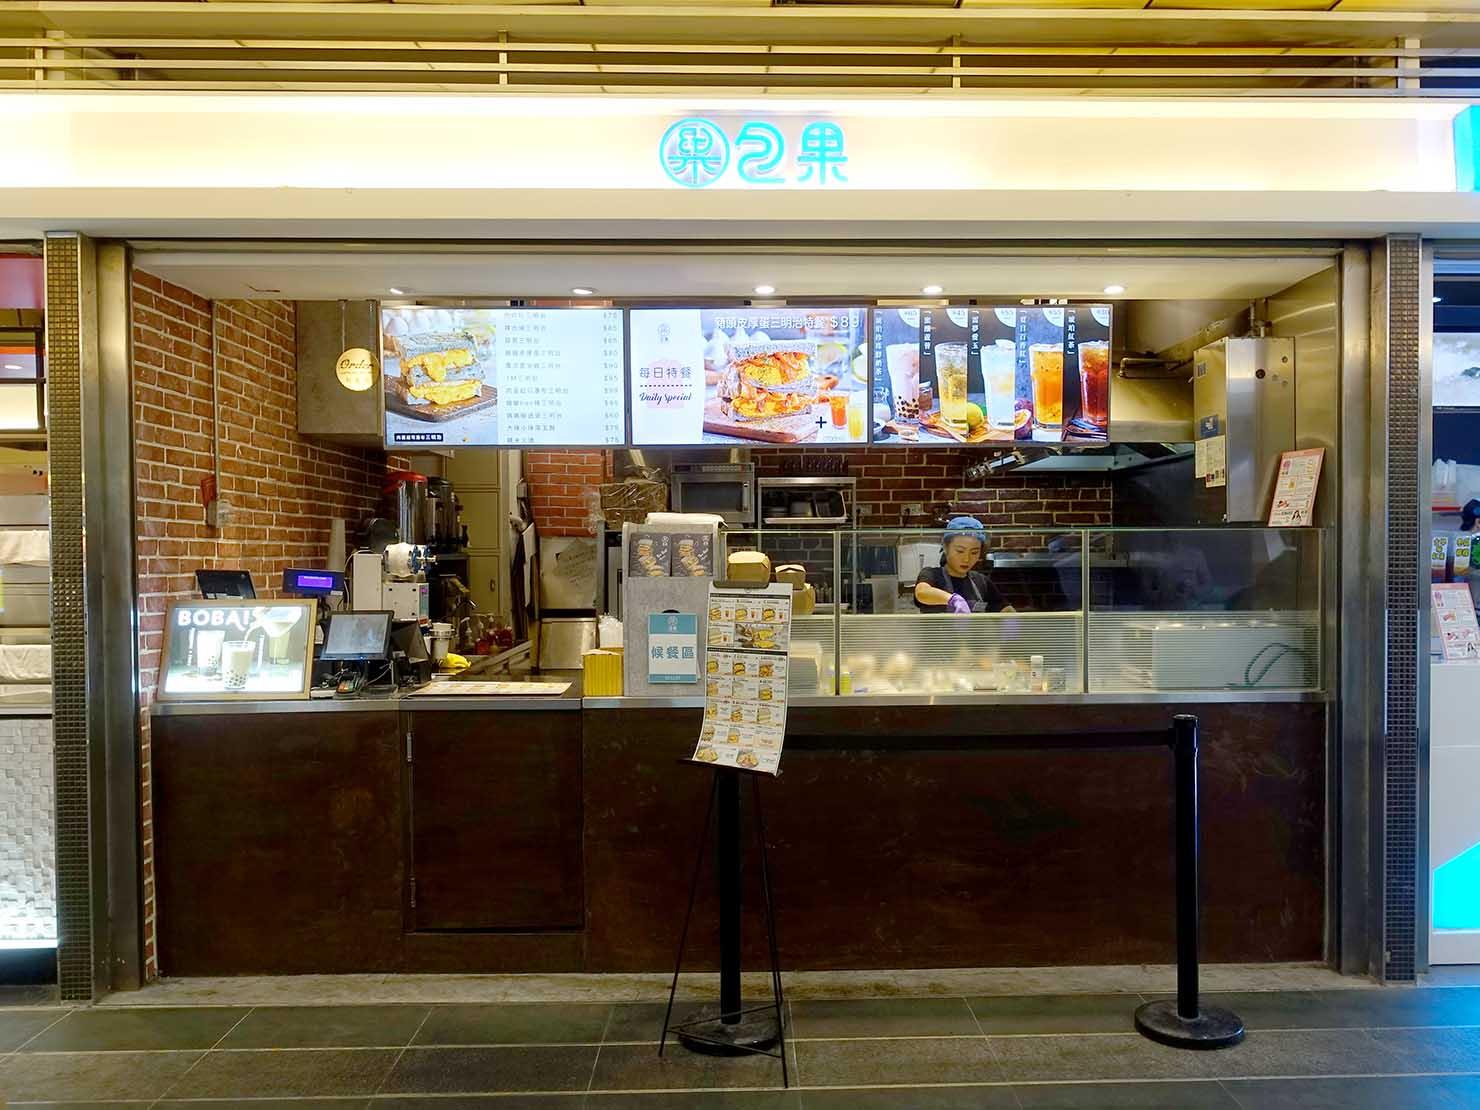 台北駅駅ナカ(車站大廳)のおすすめグルメ店「包果」の外観